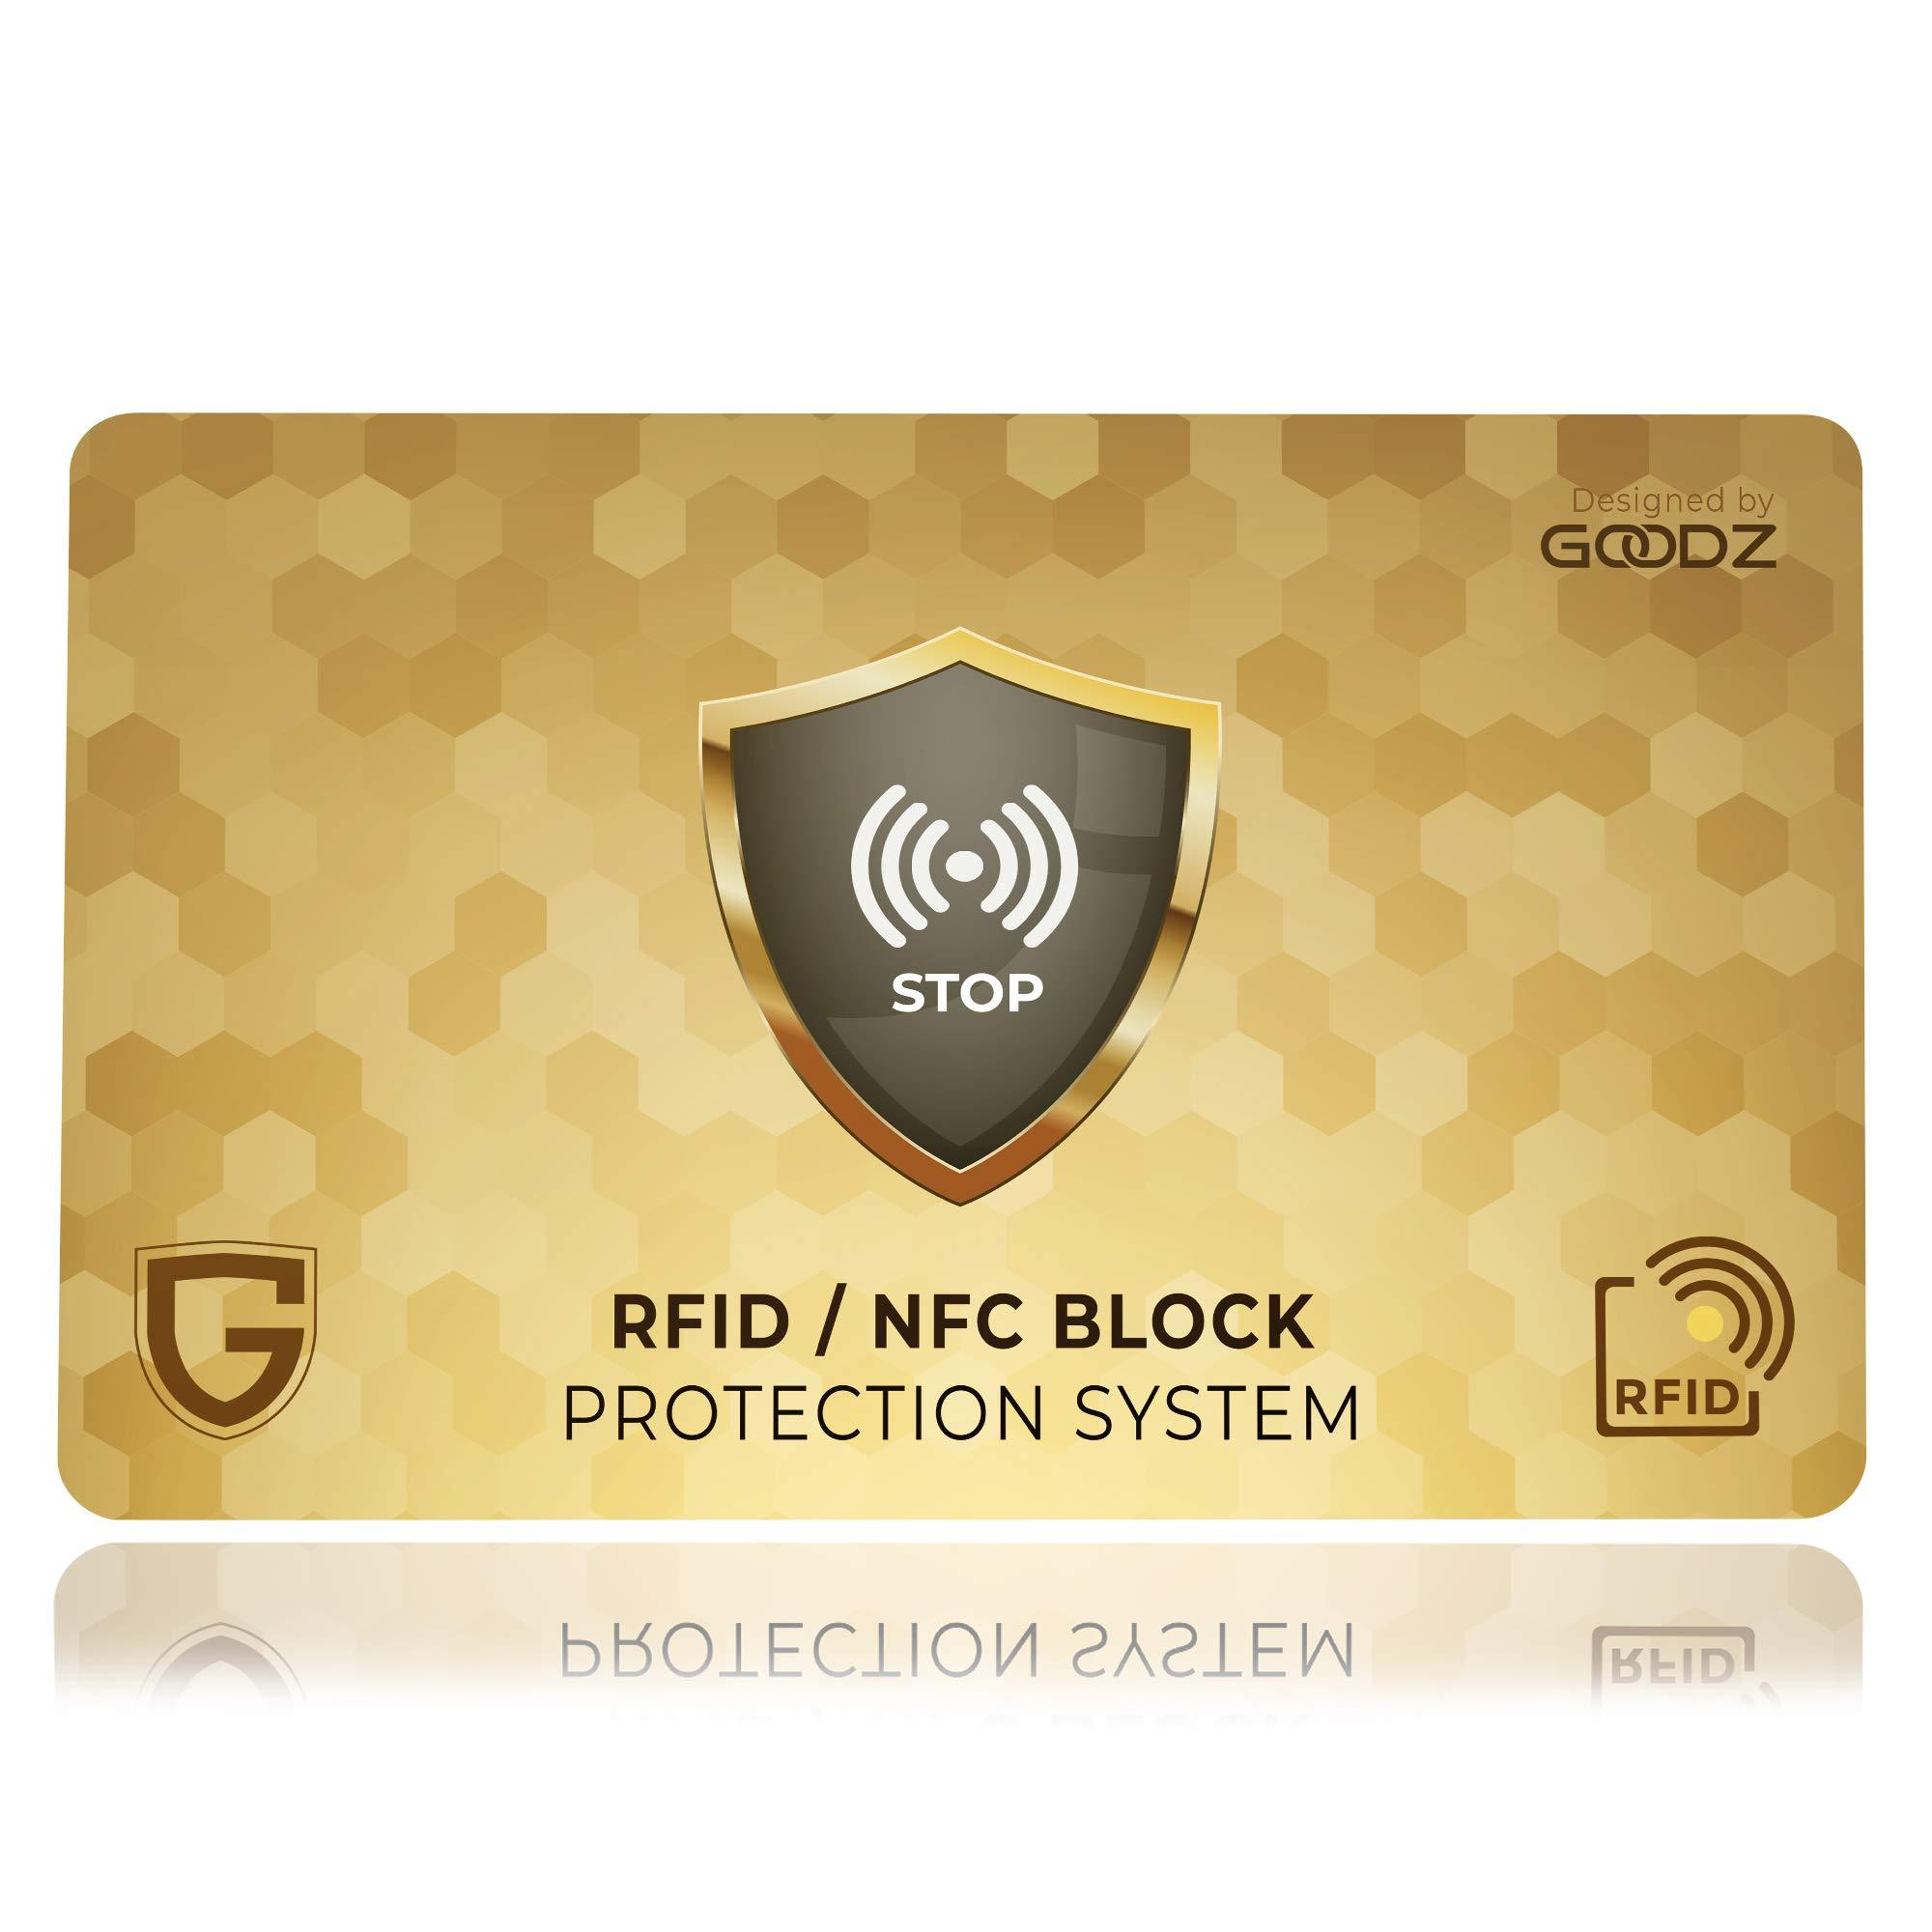 1e7c47f96f Credito per Portafoglio: RFID Blocking per Porta Carte di Credito –  Protezione